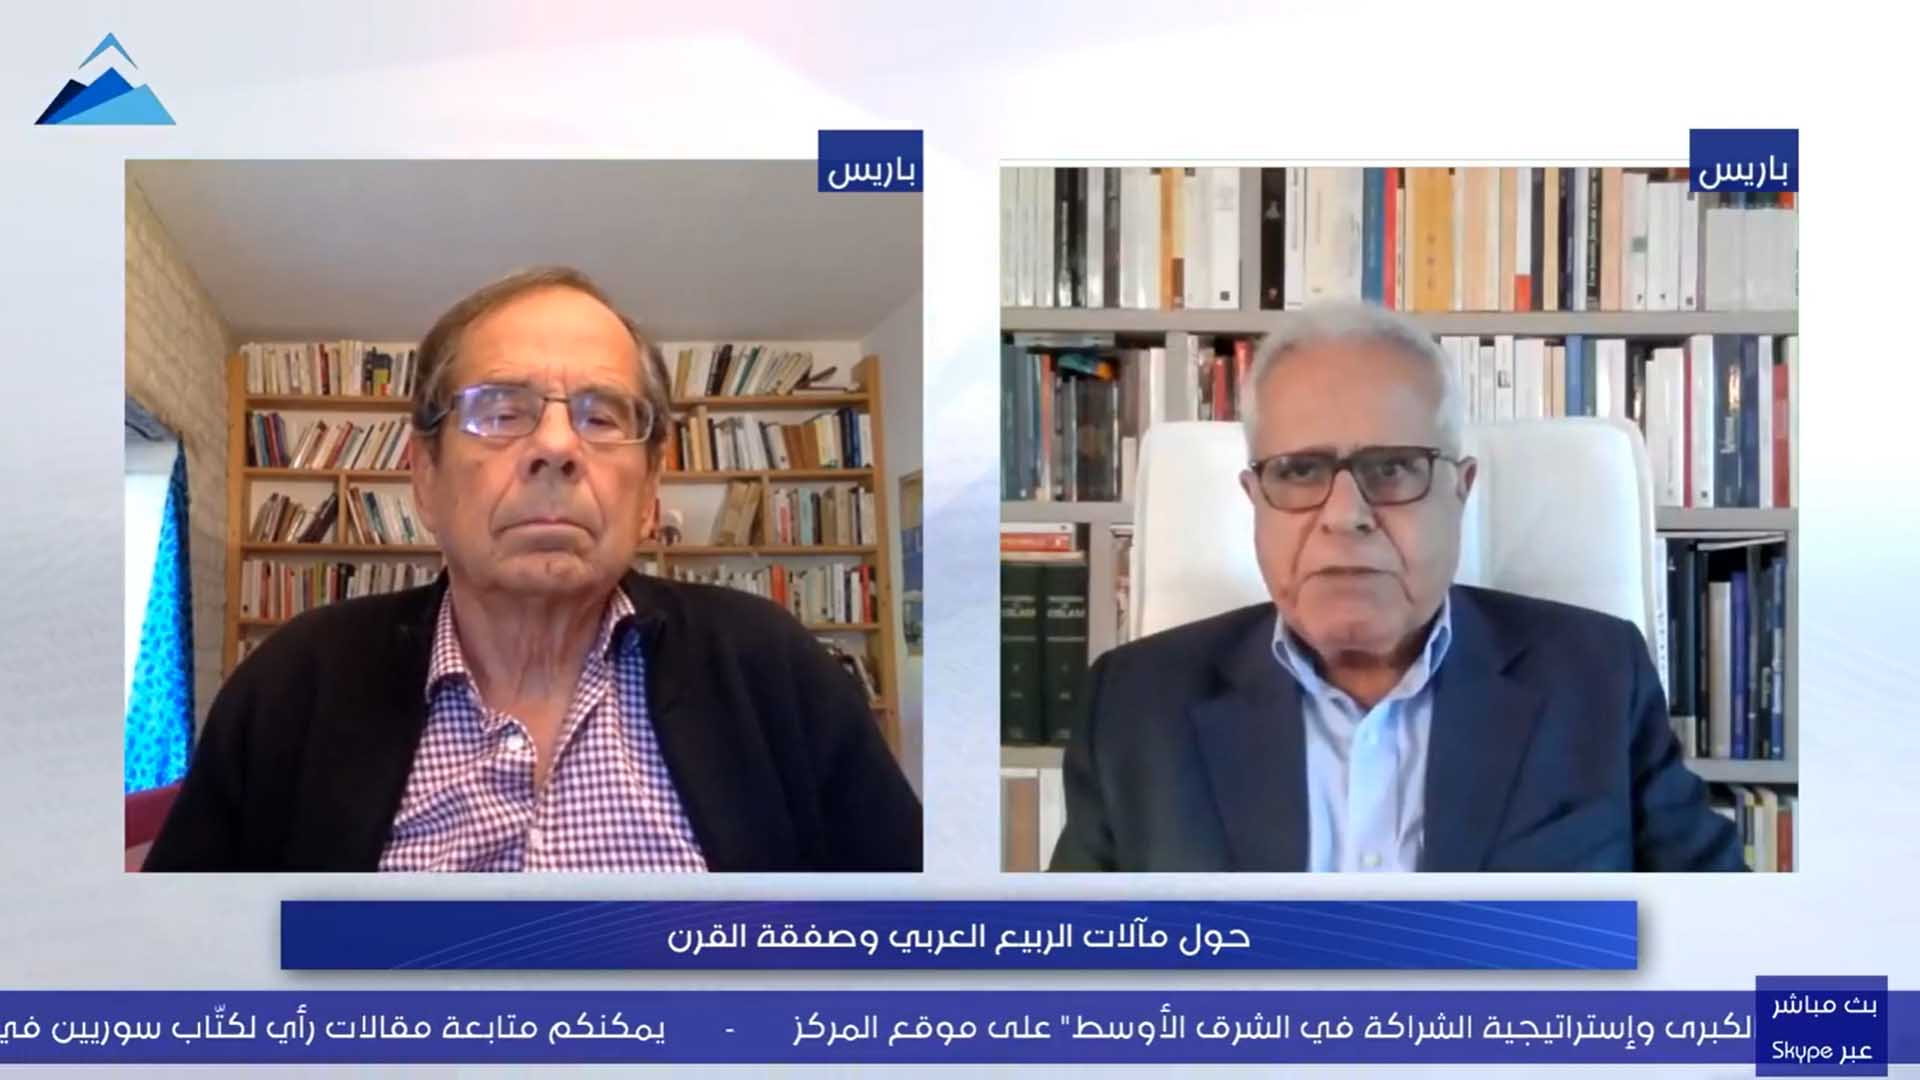 """ألان غريش يناقش """"مآلات الربيع العربي"""" في الحلقة السابقة من المقهى الثقافي"""